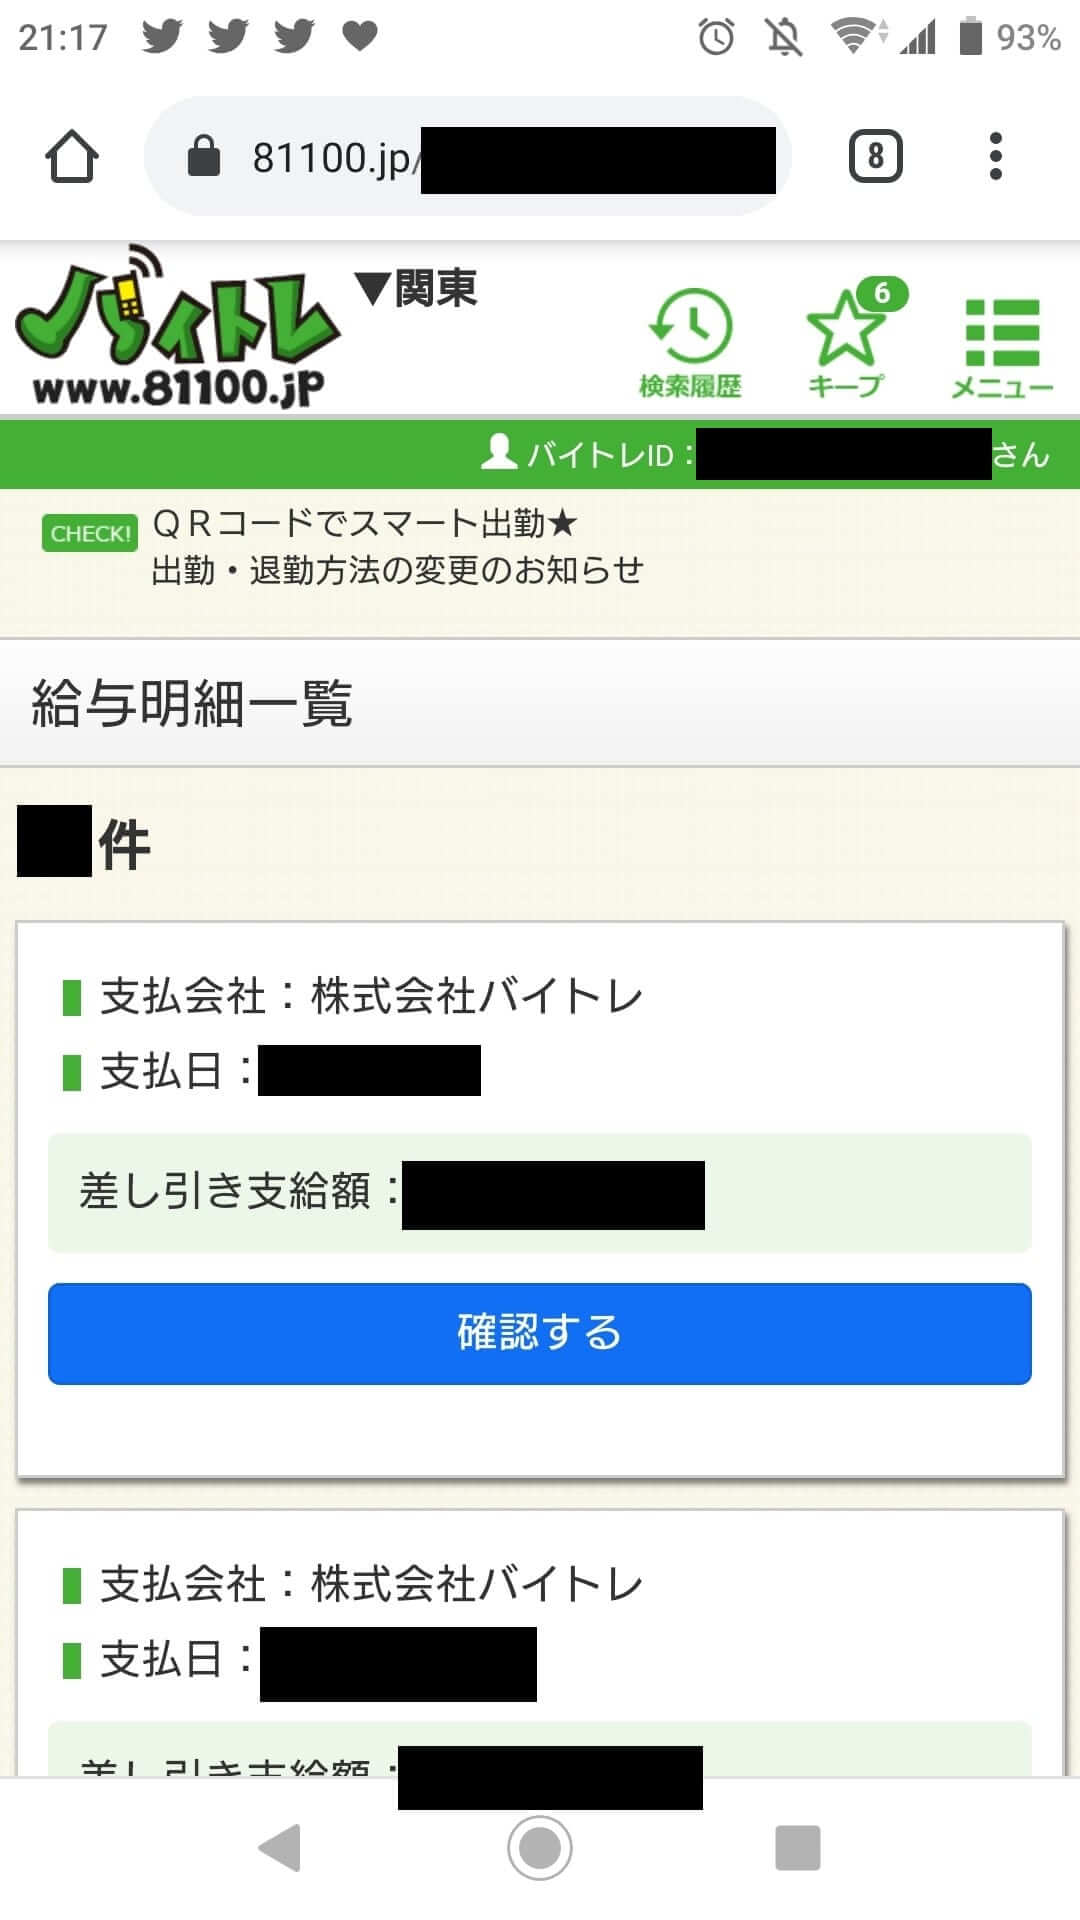 バイトレ WEB登録